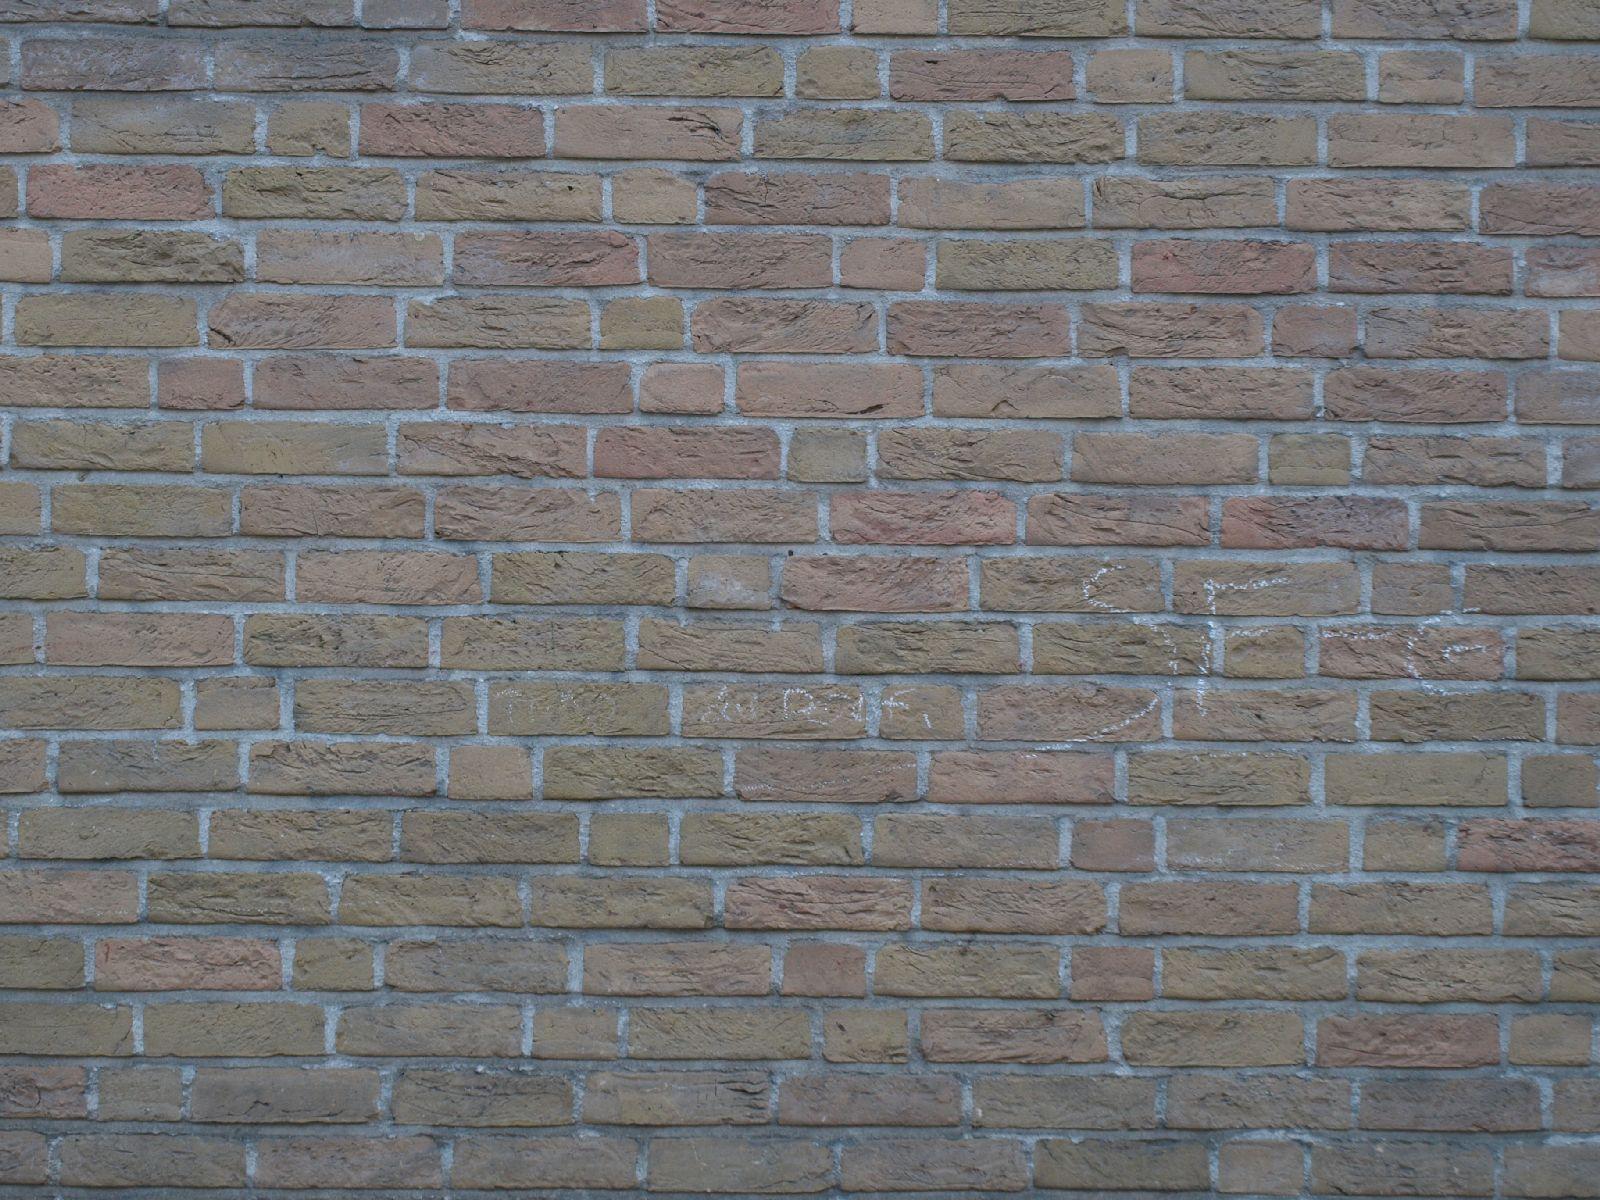 Brick_Texture_A_P1209550